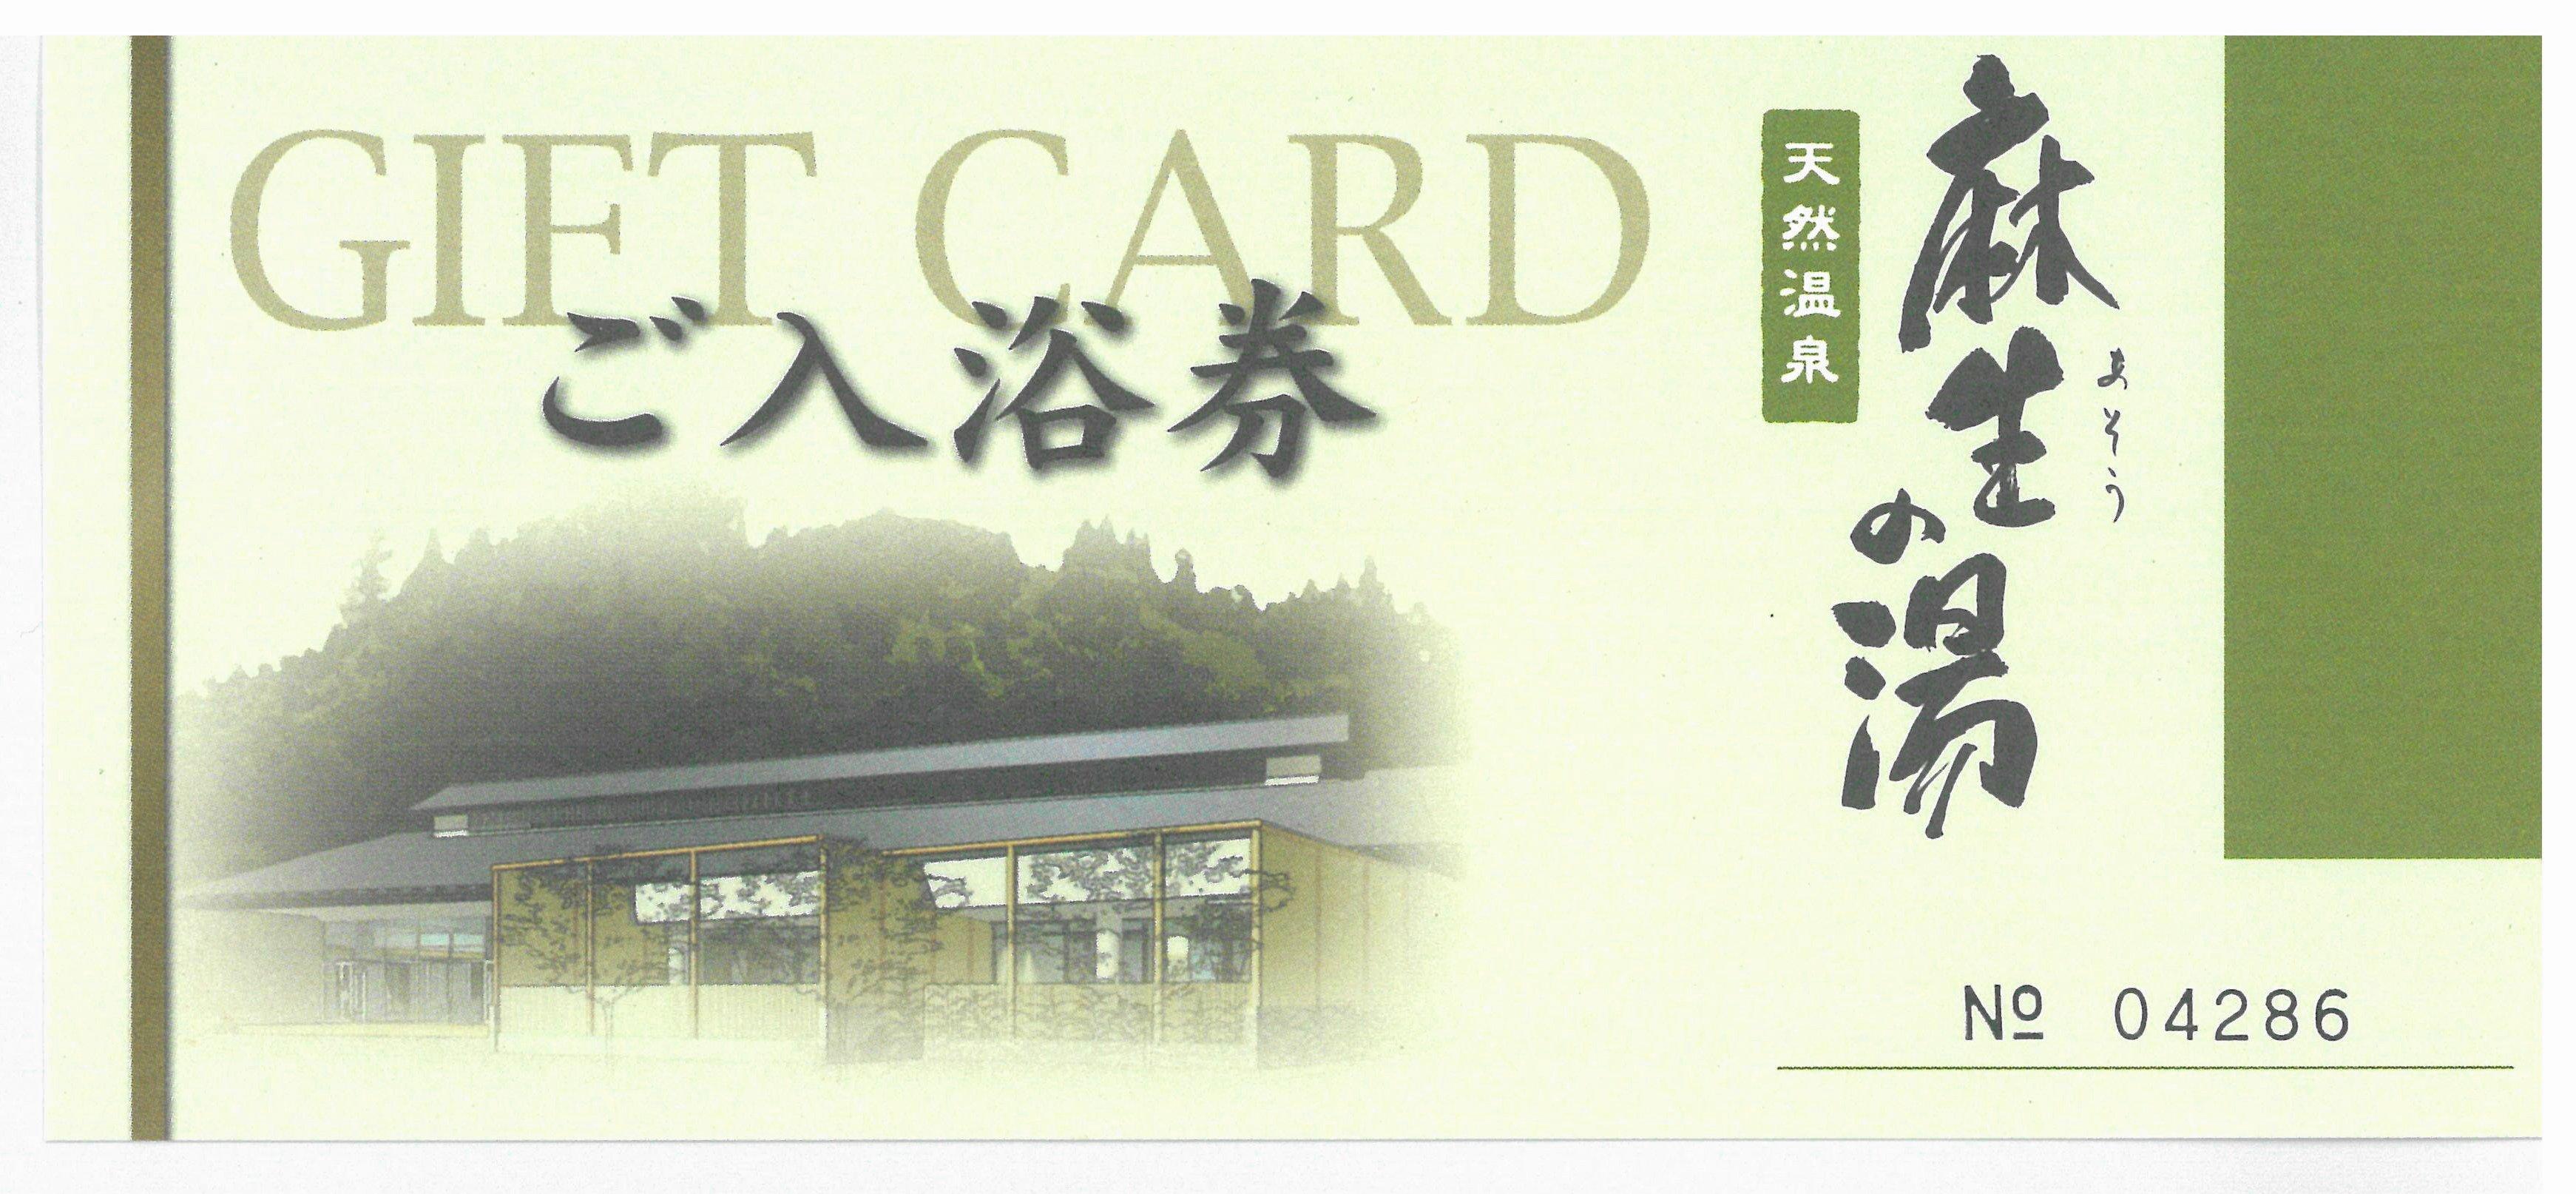 GIFT CARD ご入浴券のイメージその1